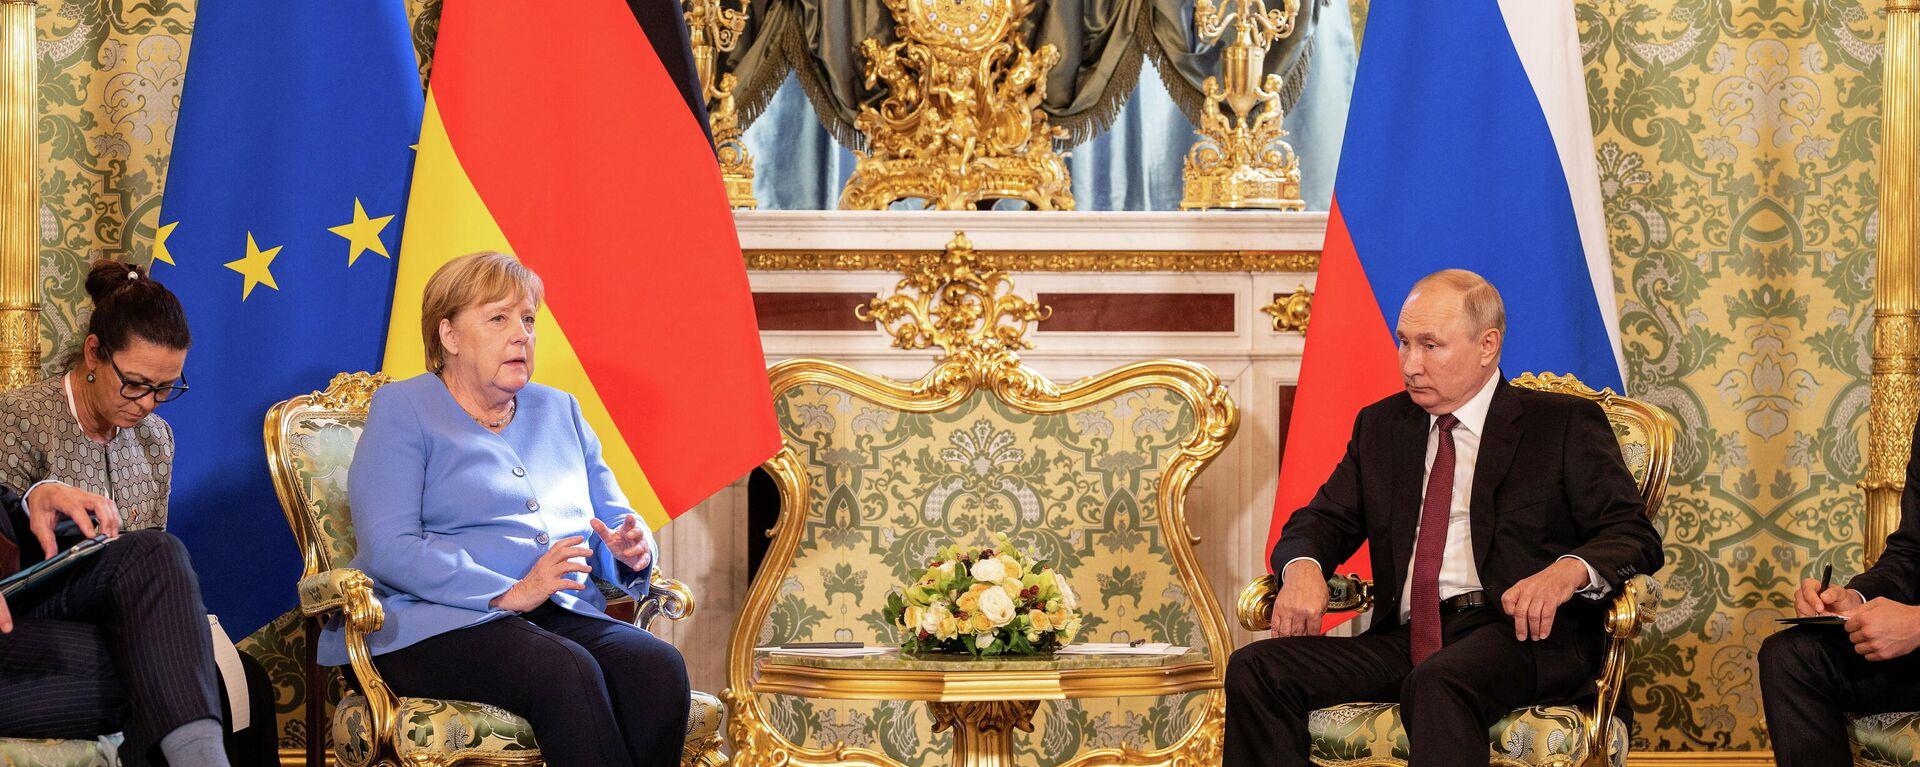 Treffen vom russischen Präsidenten Wladimir Putin und der Bundeskanzlerin Angela Merkel am 20. August, 2021 - SNA, 1920, 20.08.2021